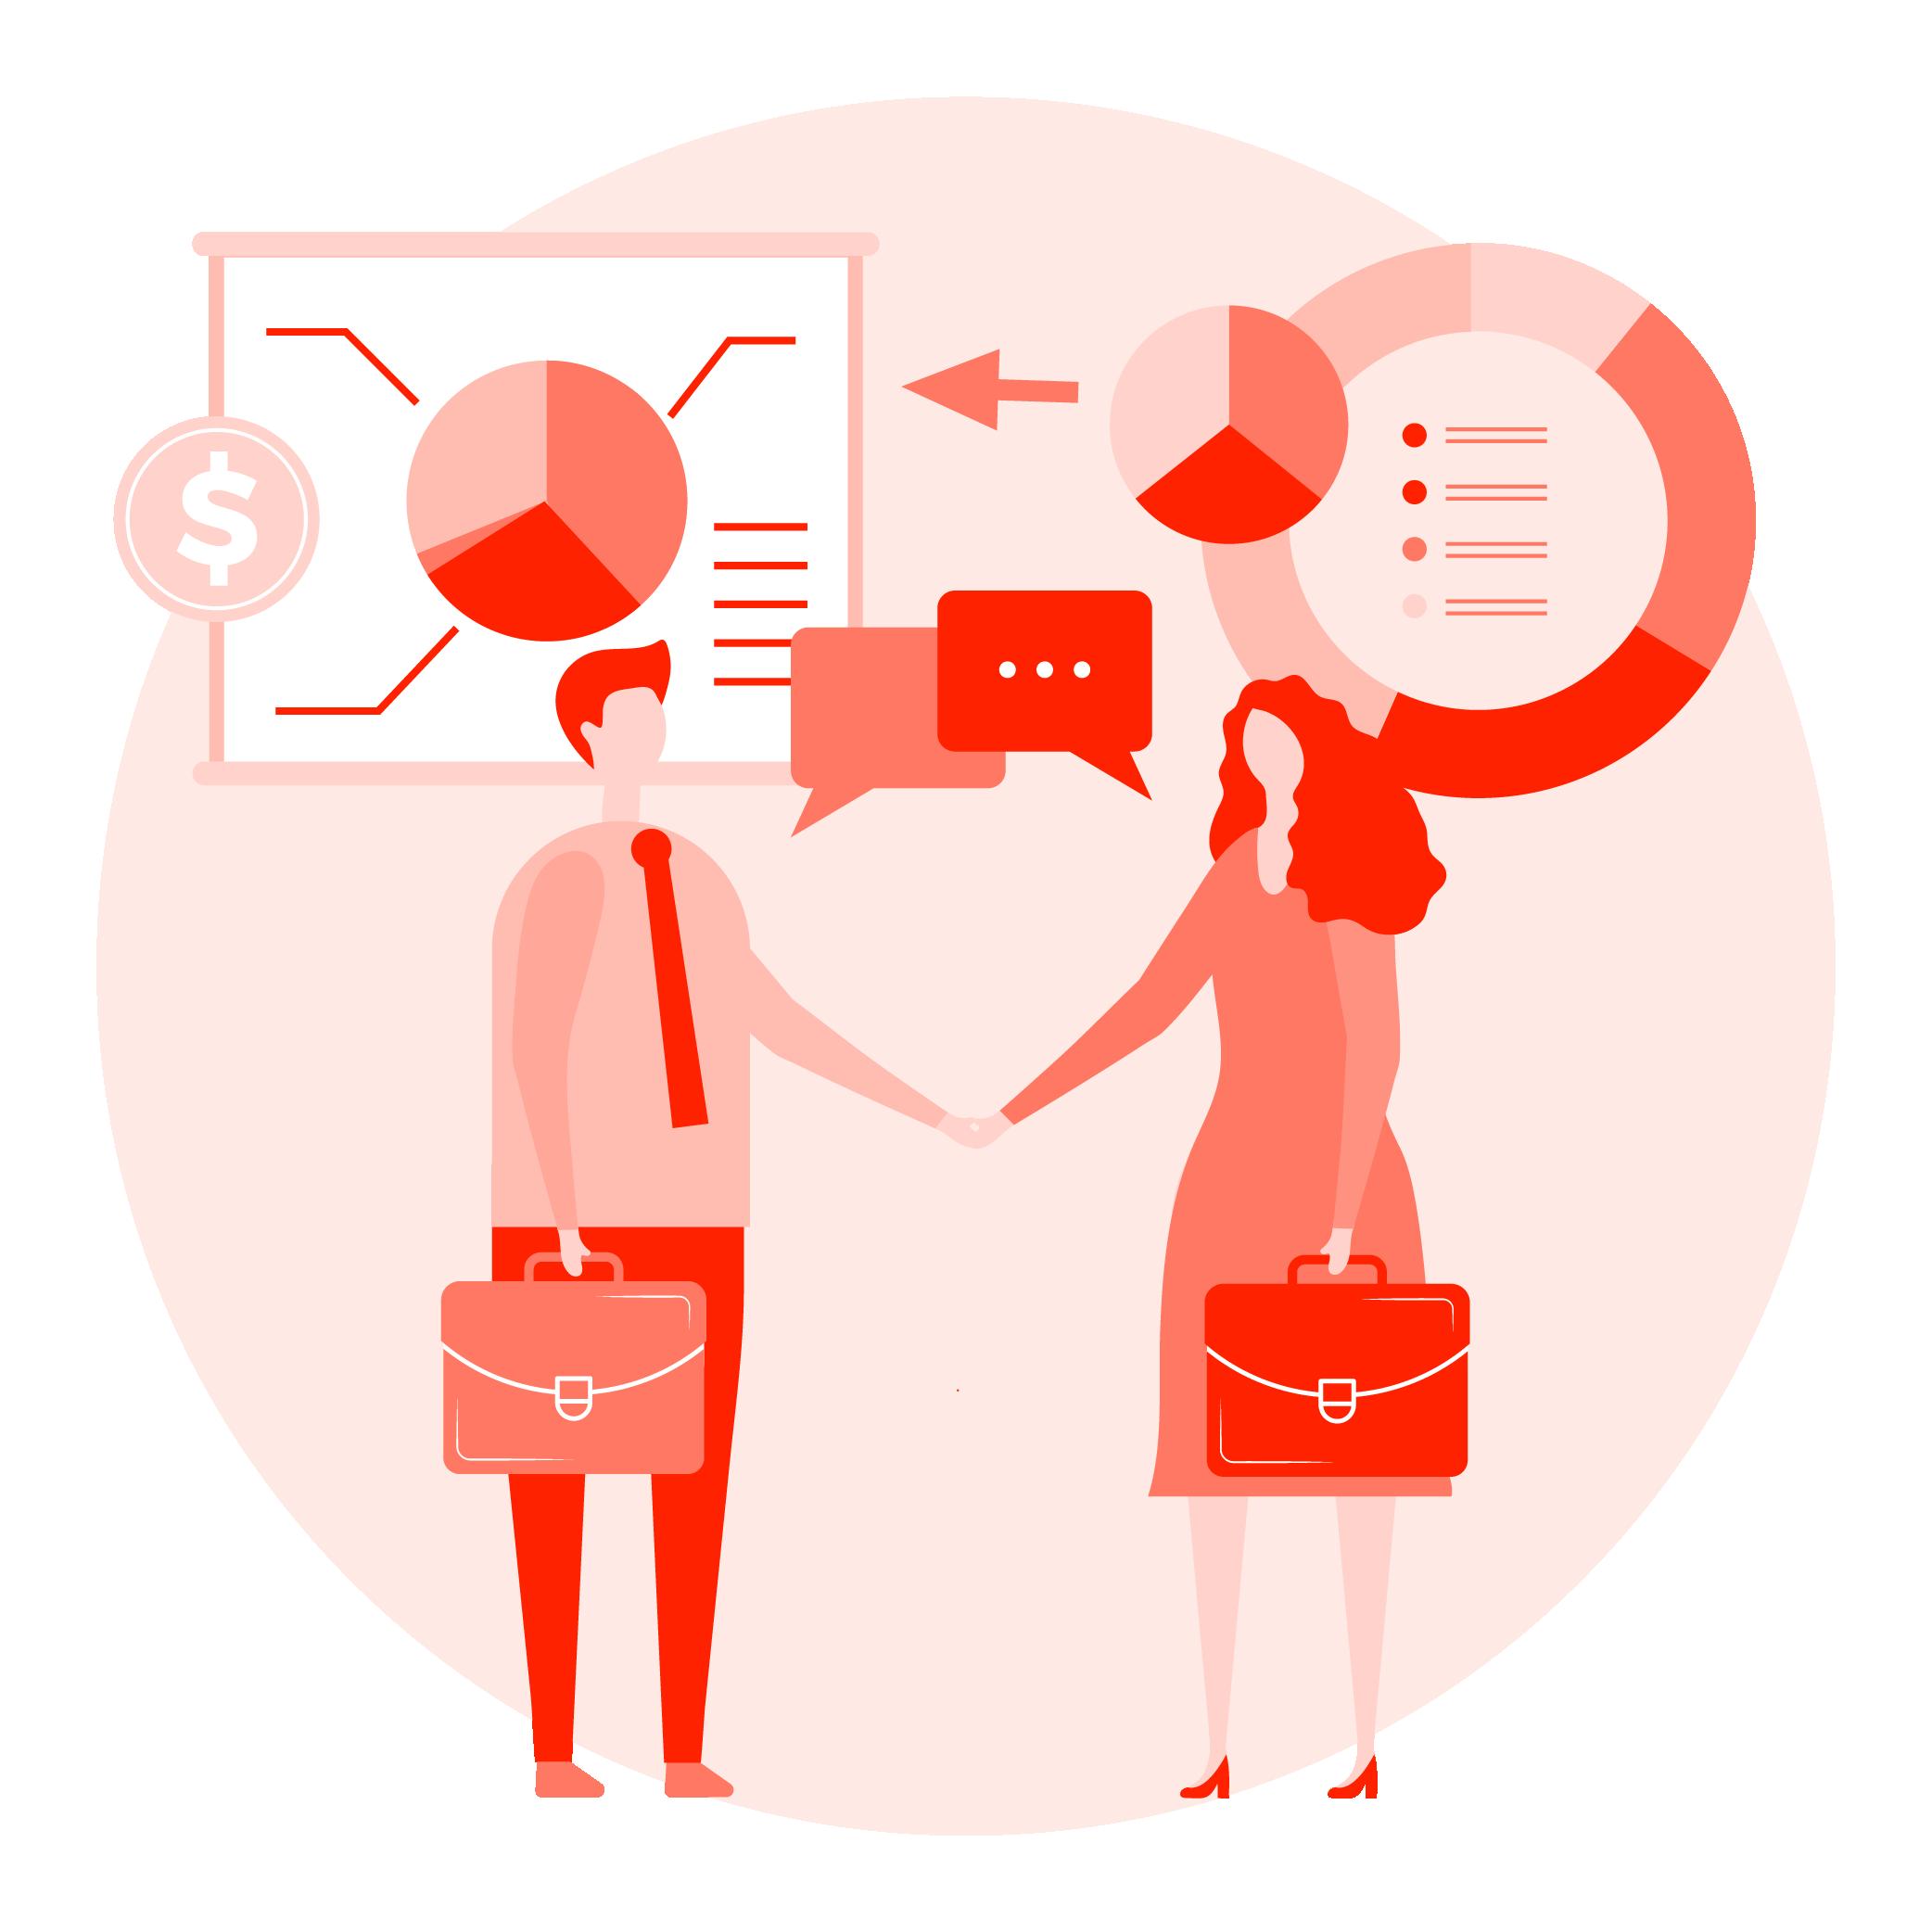 テック、デザイン、ビジネスの専門家が融合したチーム